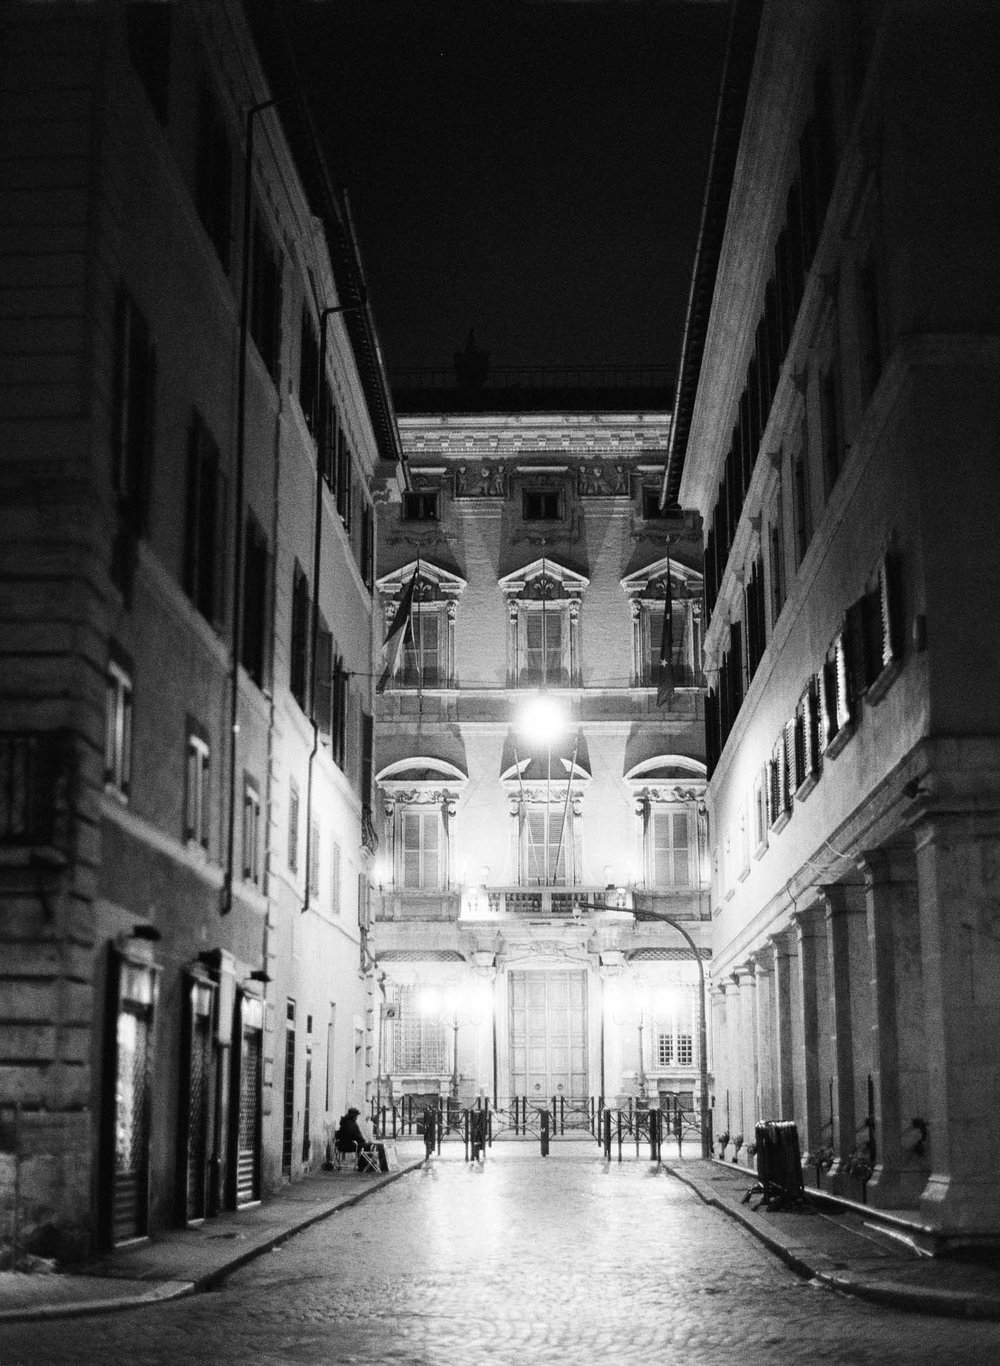 Rome_Travel-17-Jen_Huang-000058540011.jpg